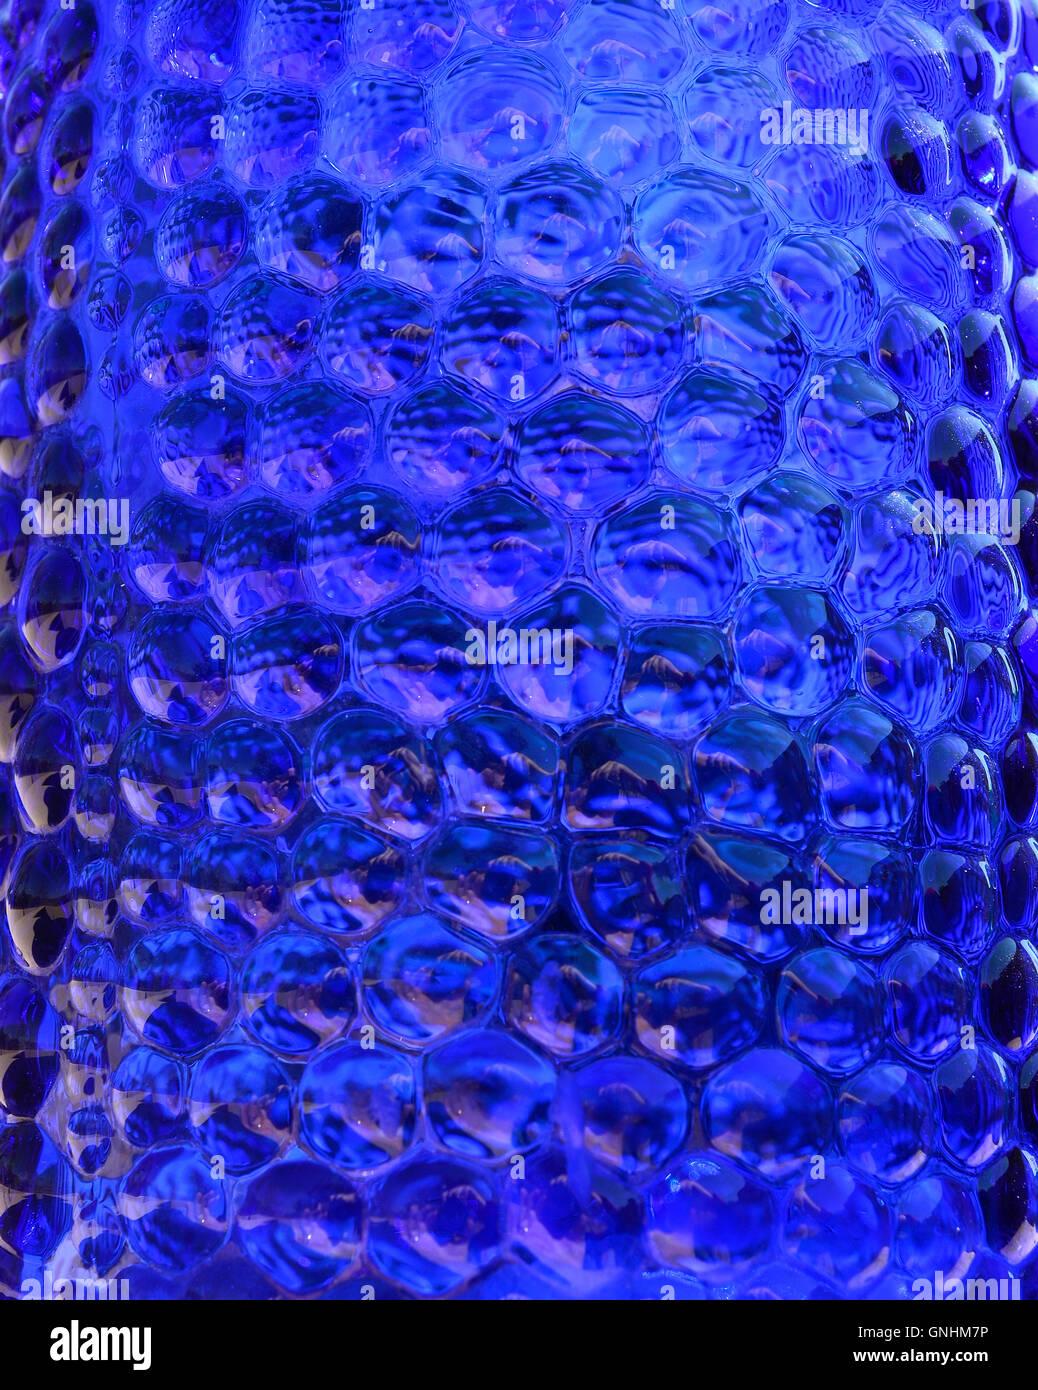 Gepunktete dunkel blauem Glas für Hintergründe. Sprudelnde blaue Glas wie Flüssigkeit. Stockbild